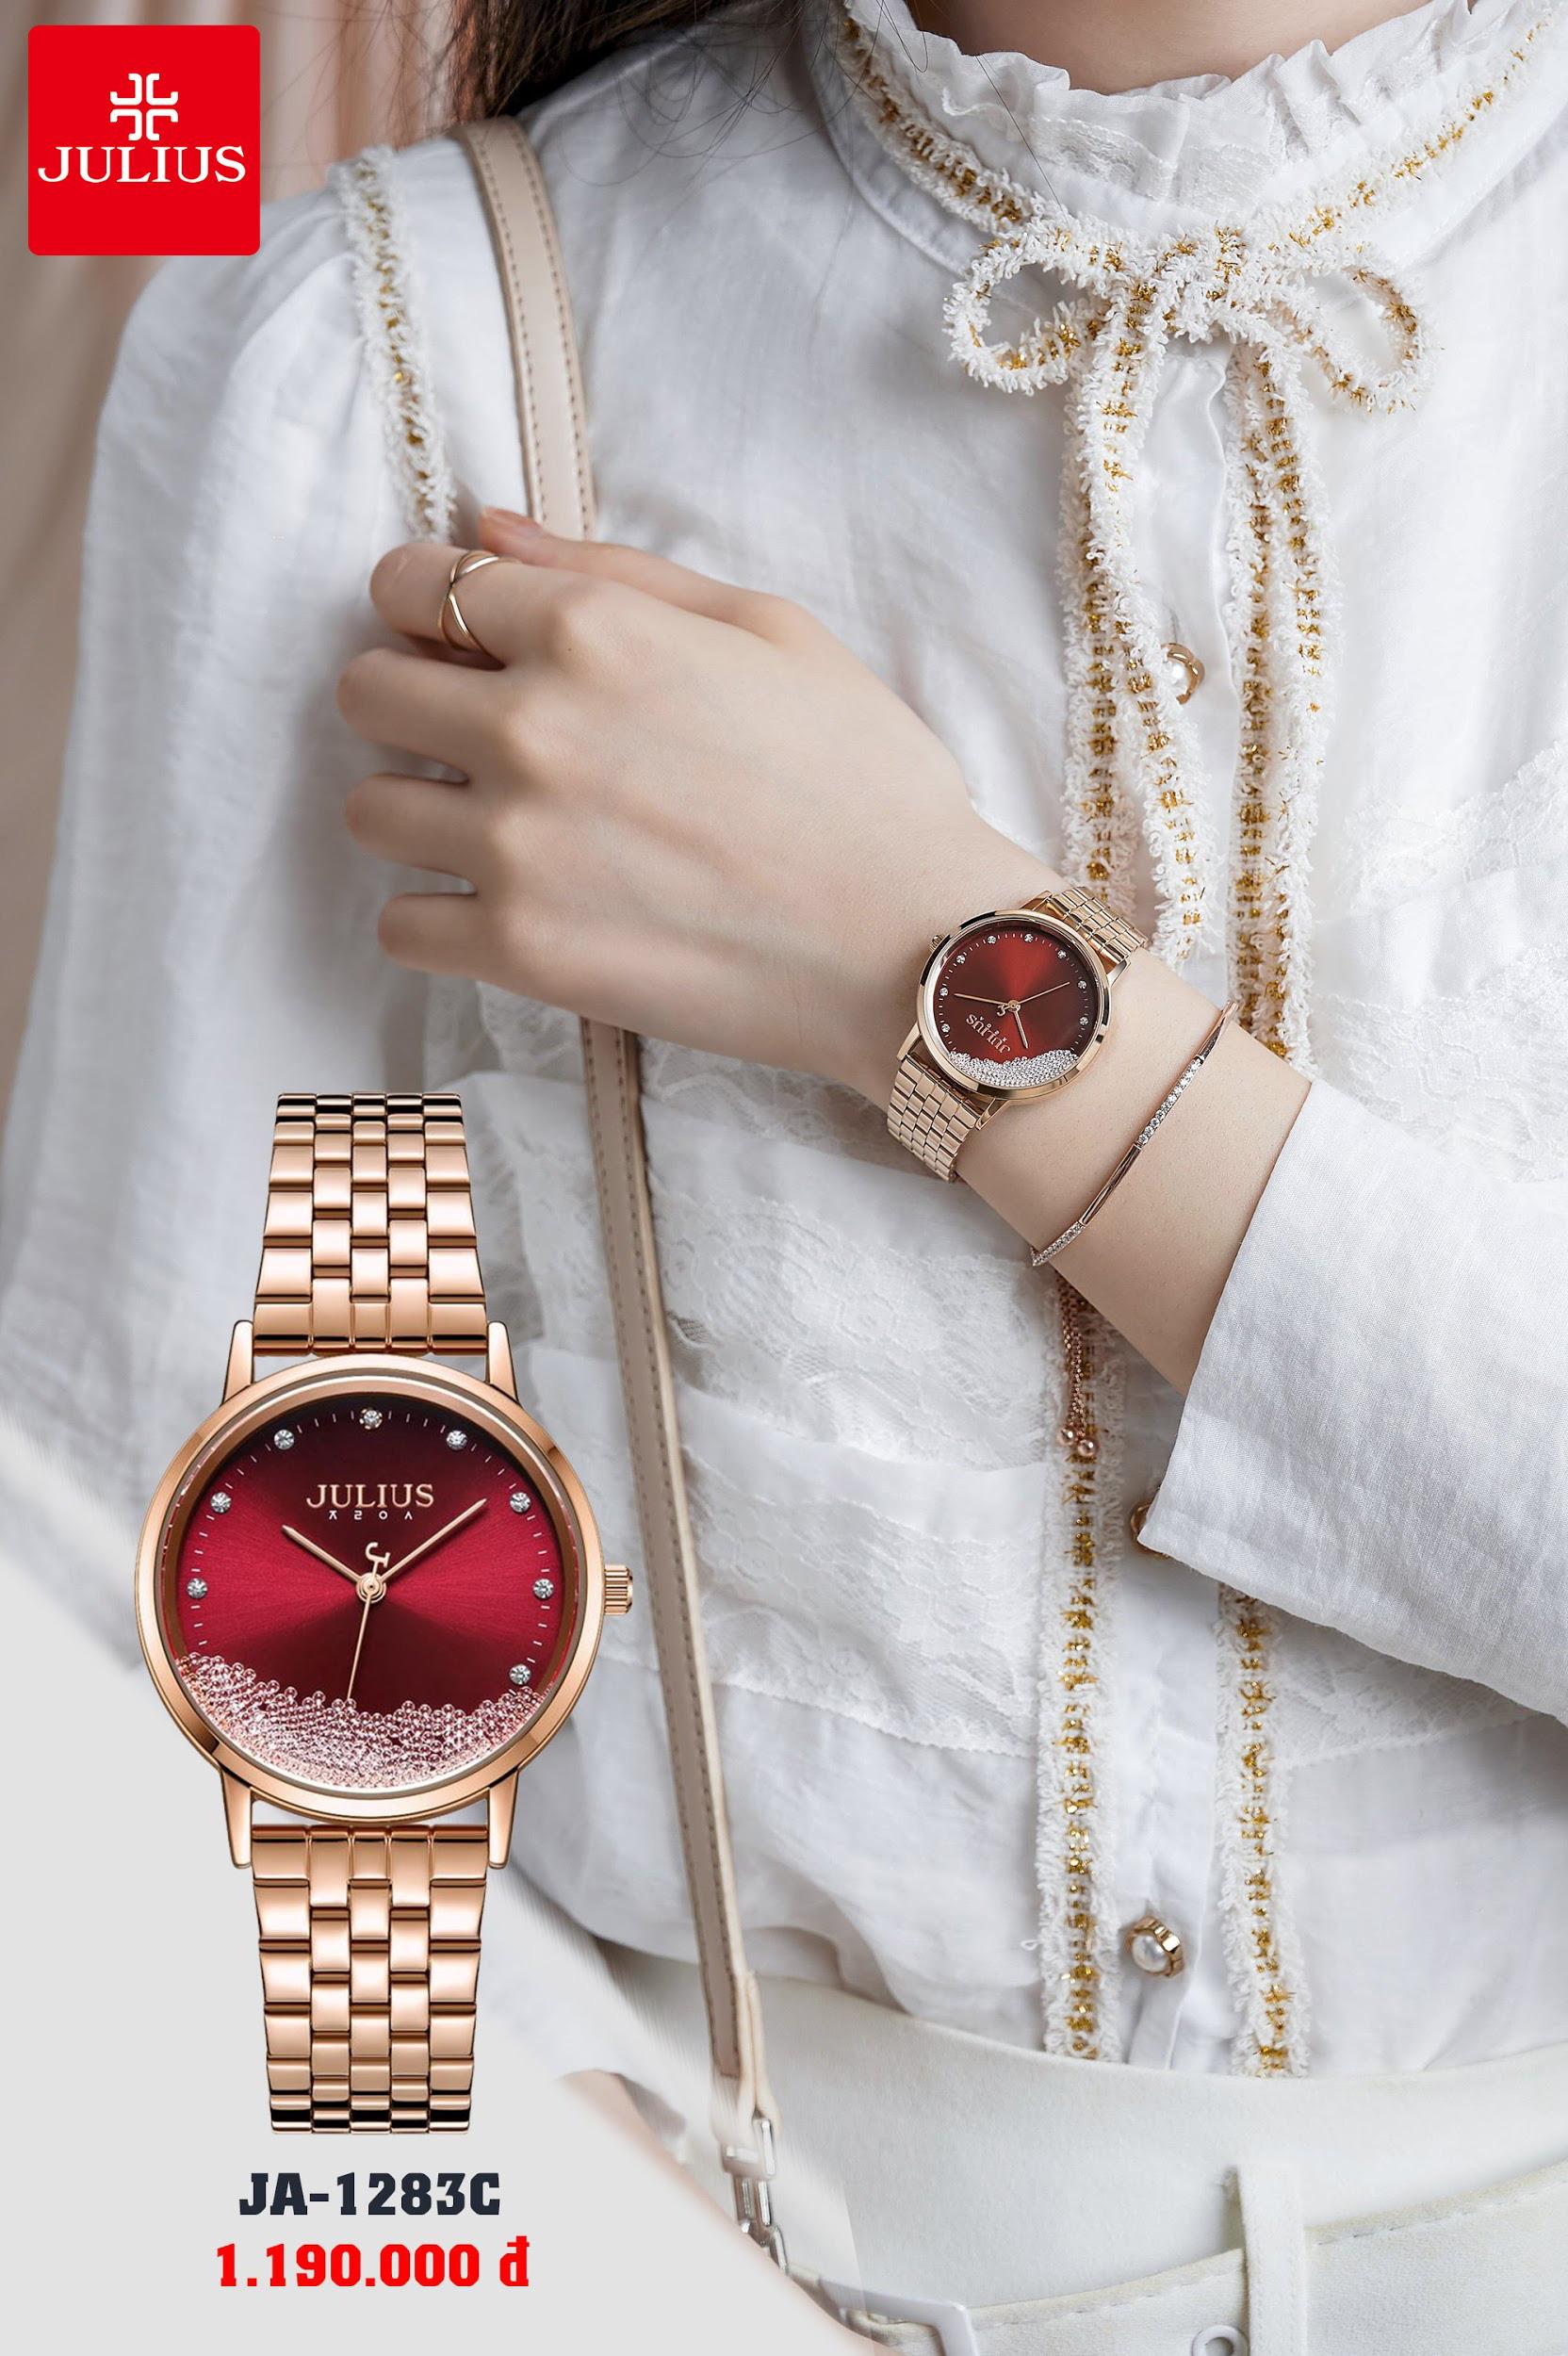 Đồng hồ thời trang Julius đẳng cấp - trao trọn yêu thương cho phái đẹp nhân ngày 8/3 - Ảnh 2.